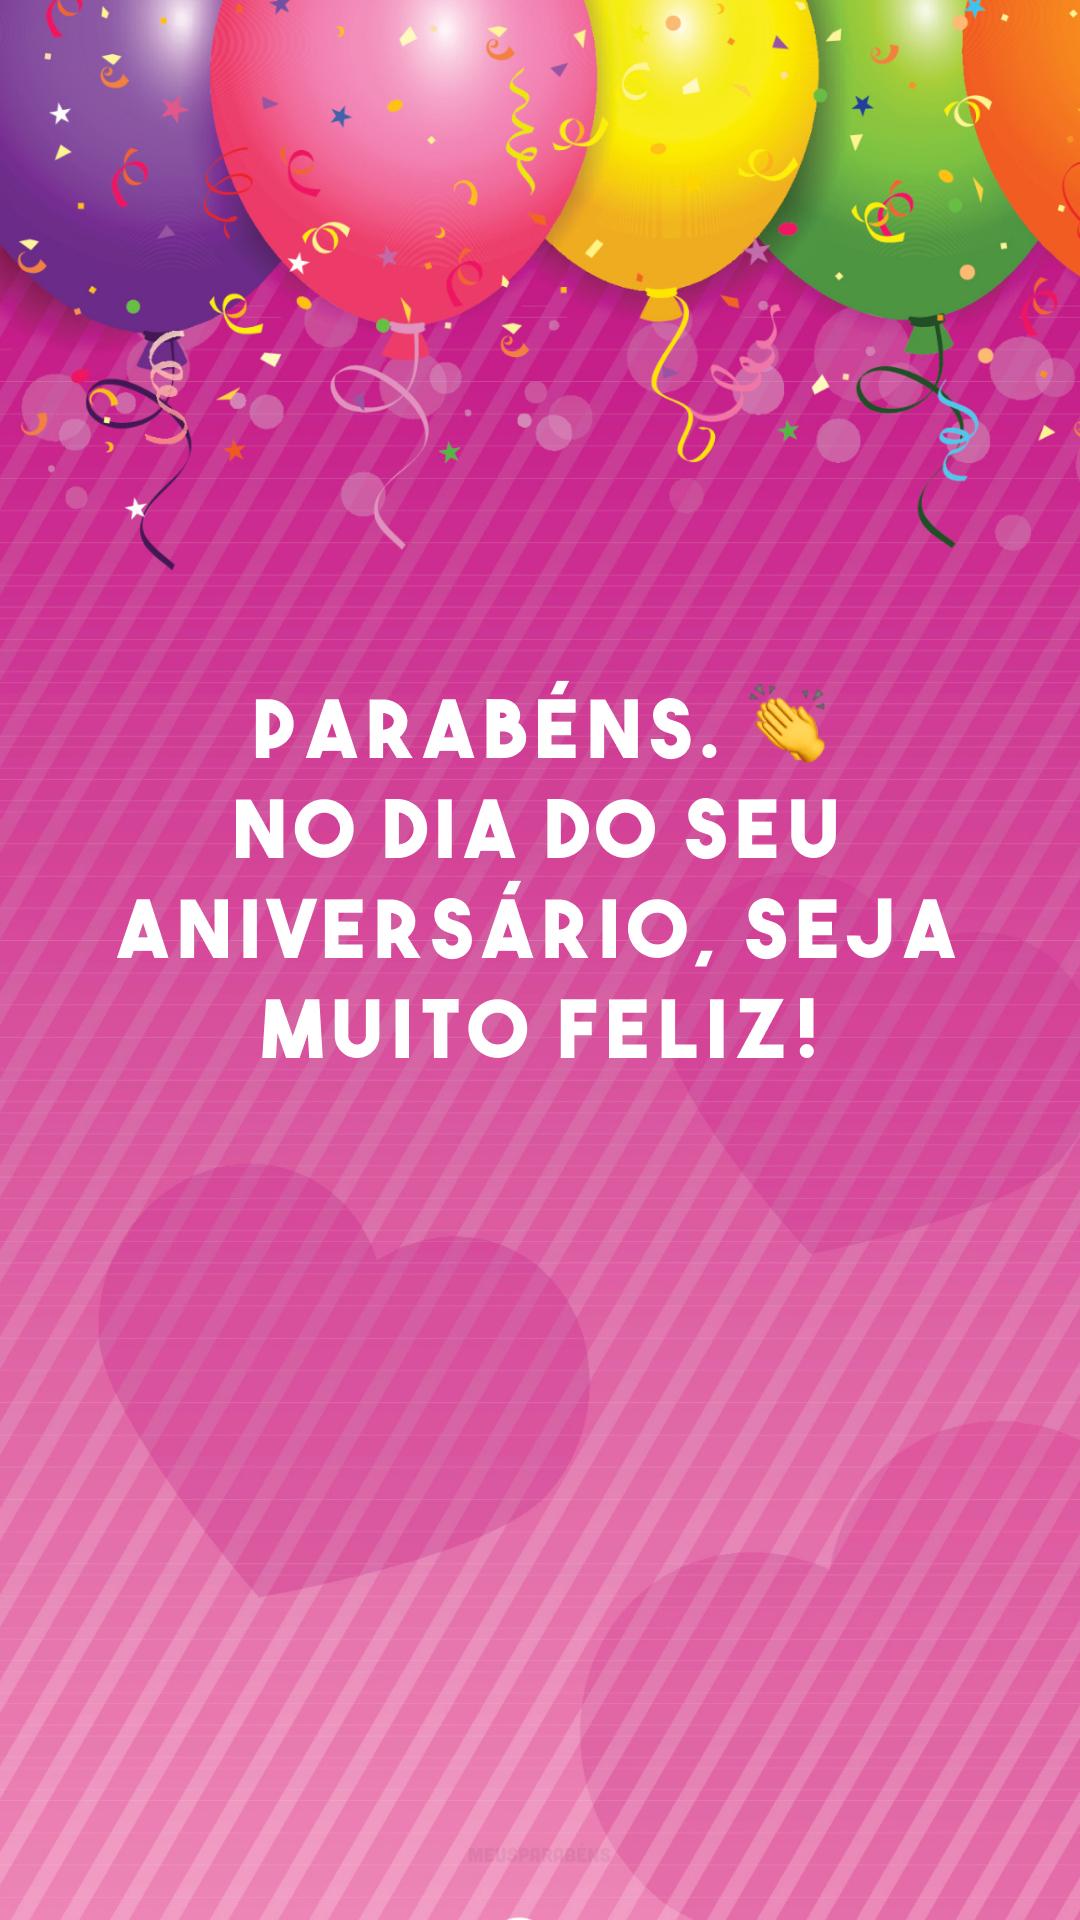 Parabéns. 👏 No dia do seu aniversário, seja muito feliz!